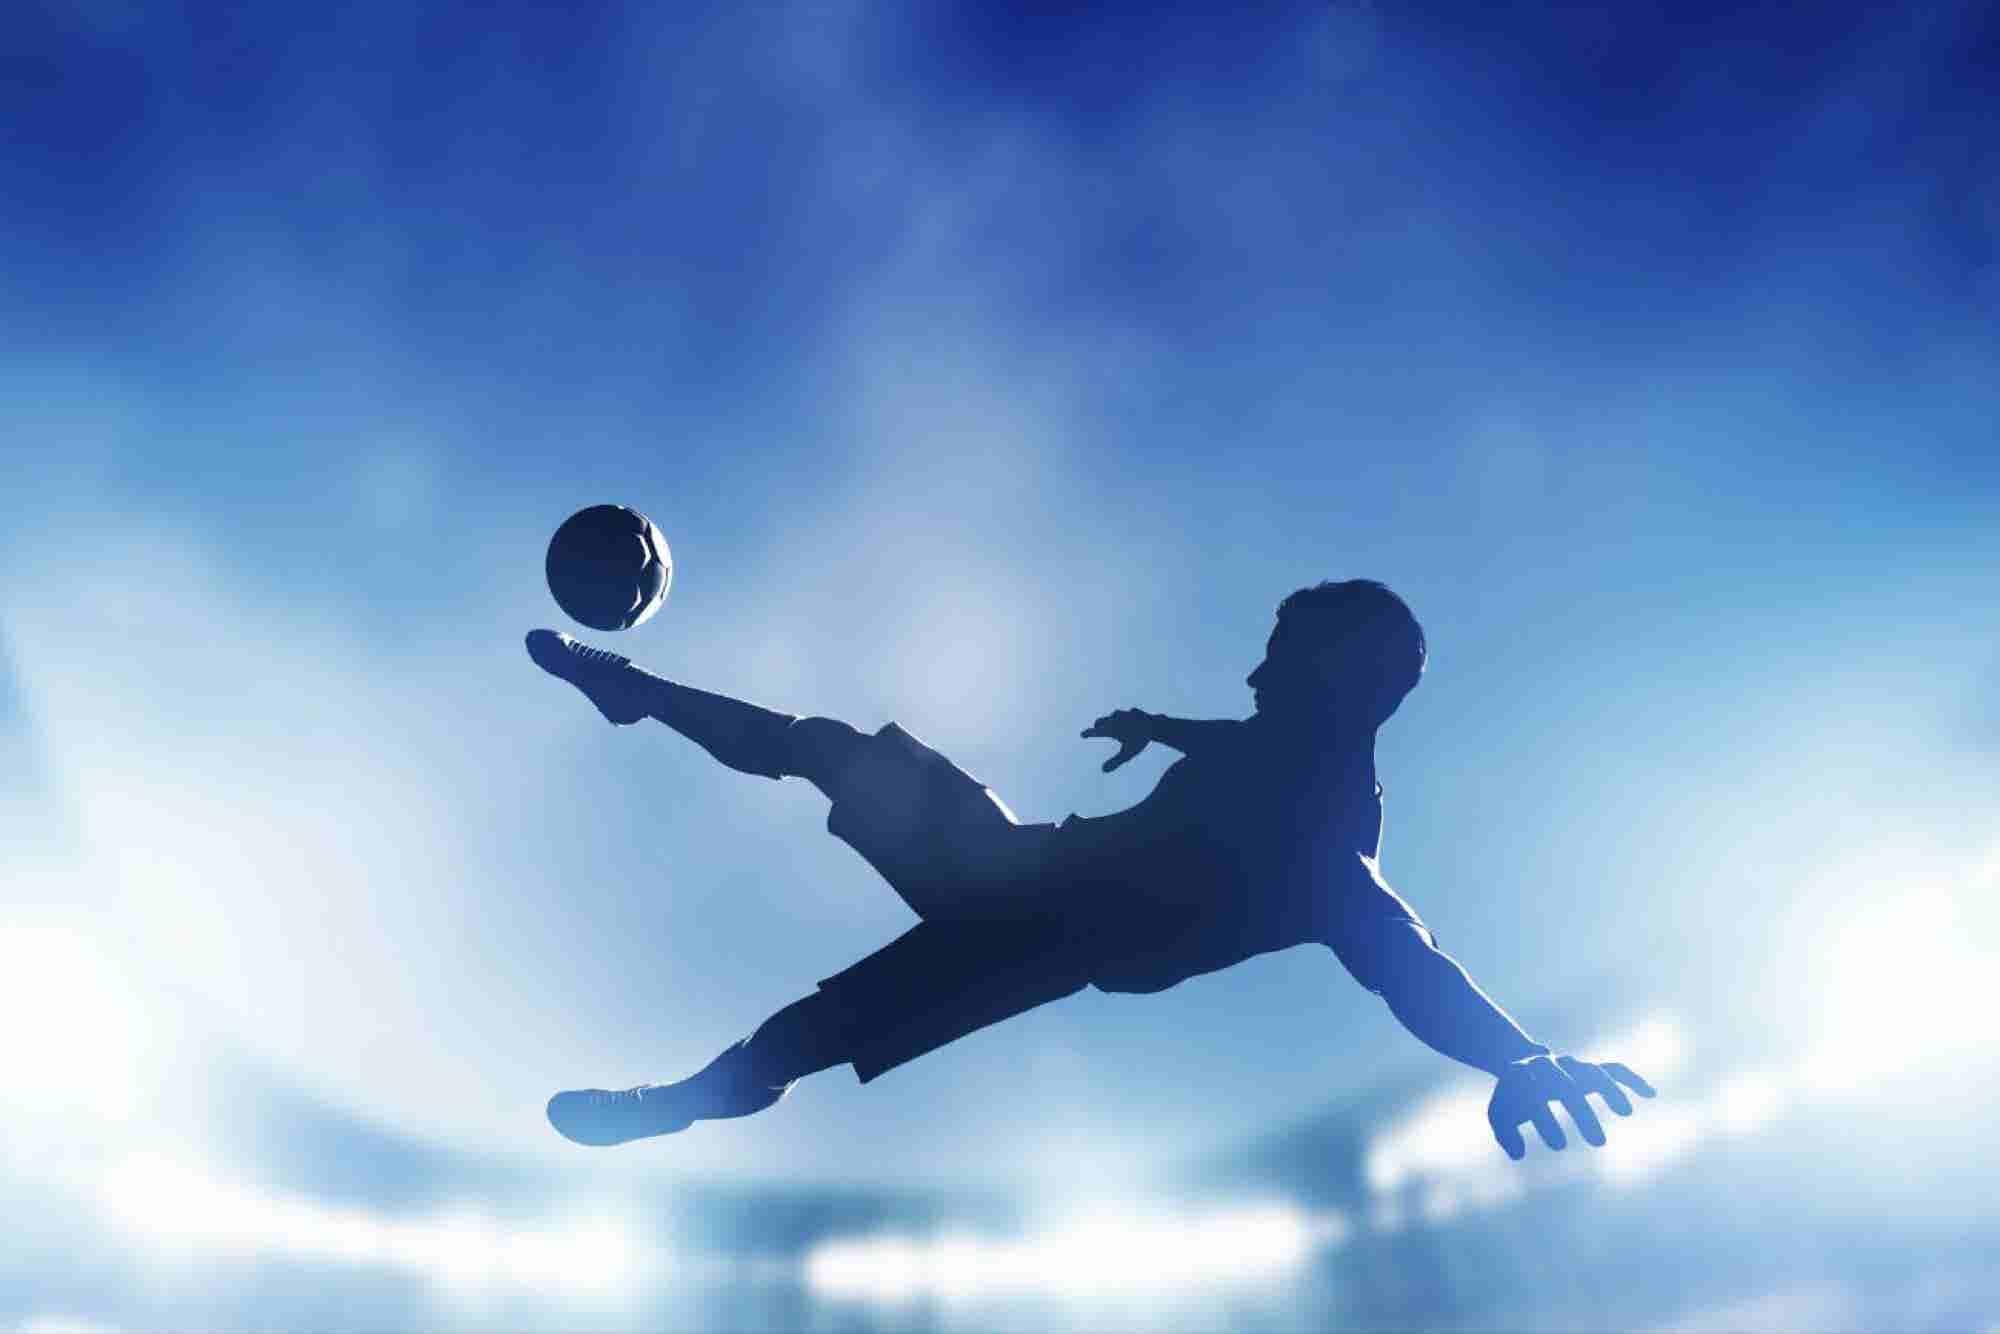 Lo que nos enseña una historia de fútbol sobre el éxito